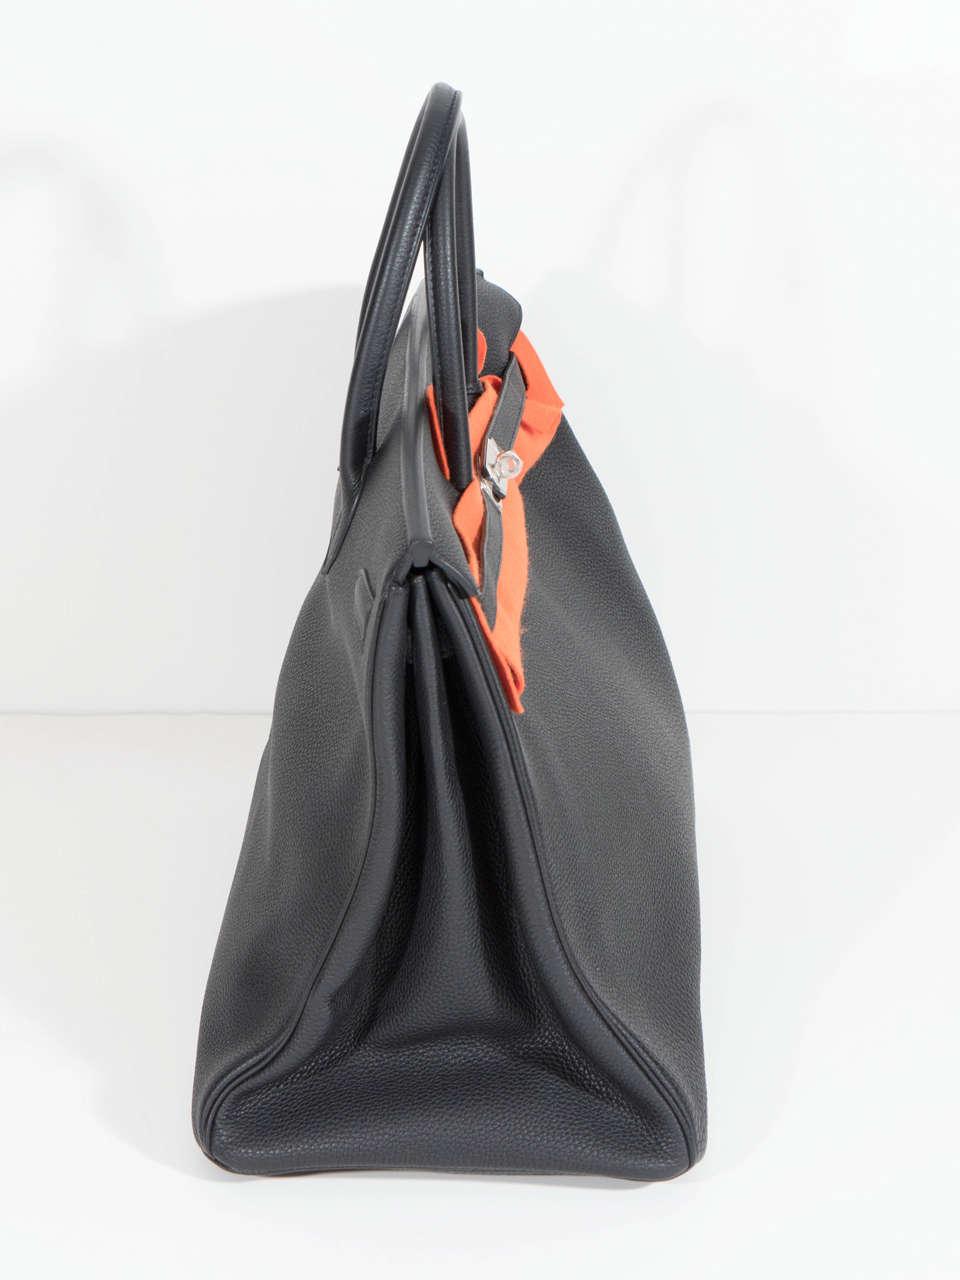 Hermès Paris Birkin Bag 40 in Togo Leather with Palladium Hardware, 2008 9